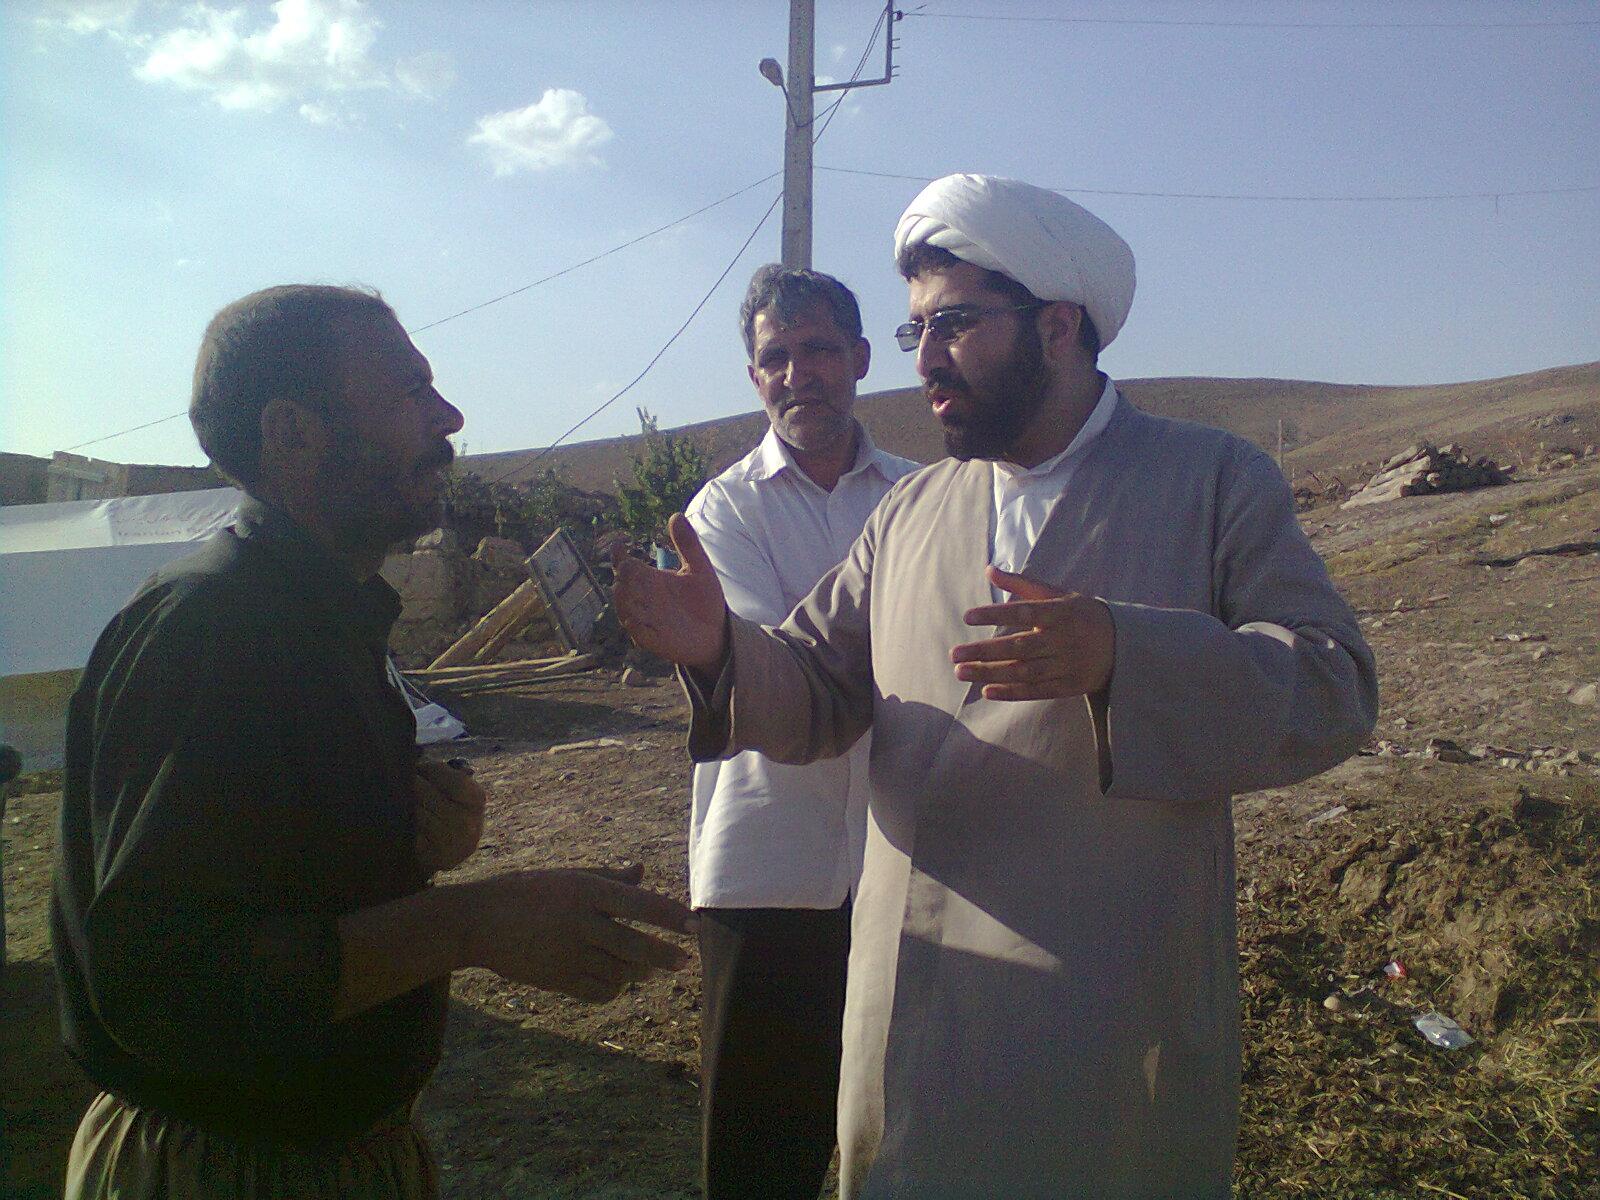 کمک رسانی به زلزله زدگان آذربایجان توسط آذرشهری ها